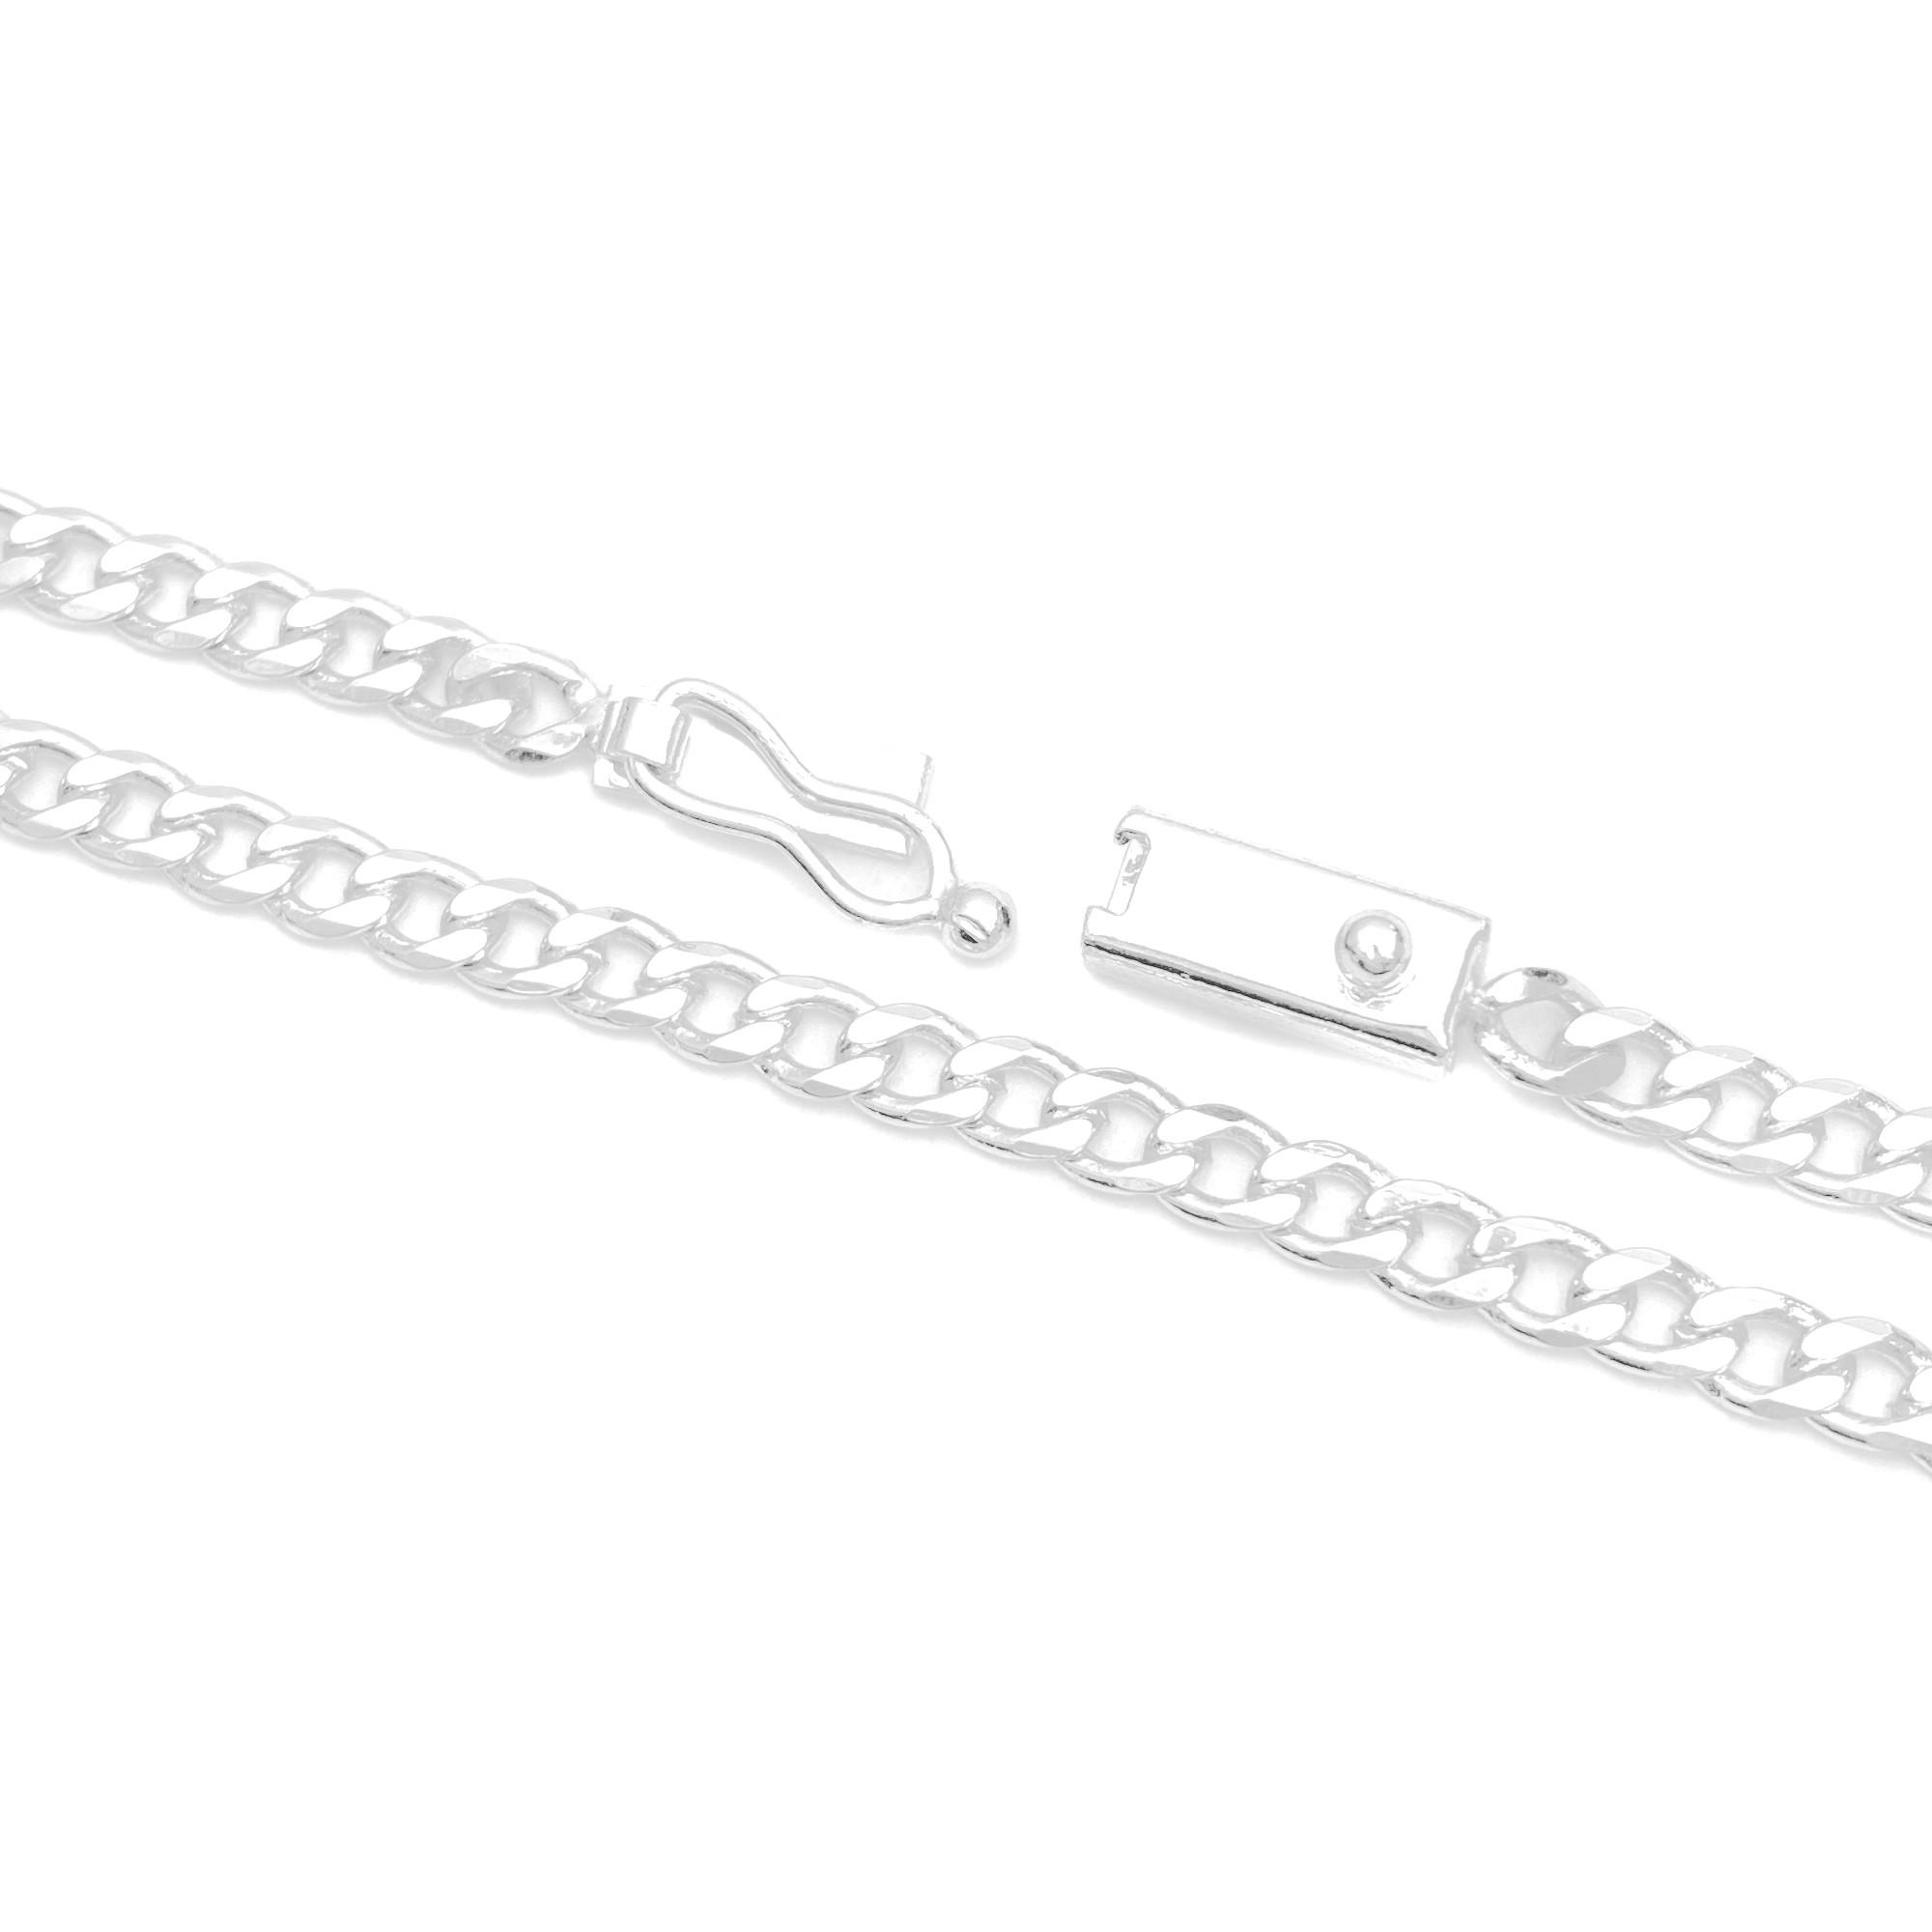 Corrente Grumet 2,8mm 70cm (12,3g) (Fecho Gaveta) (Banho Prata 925)